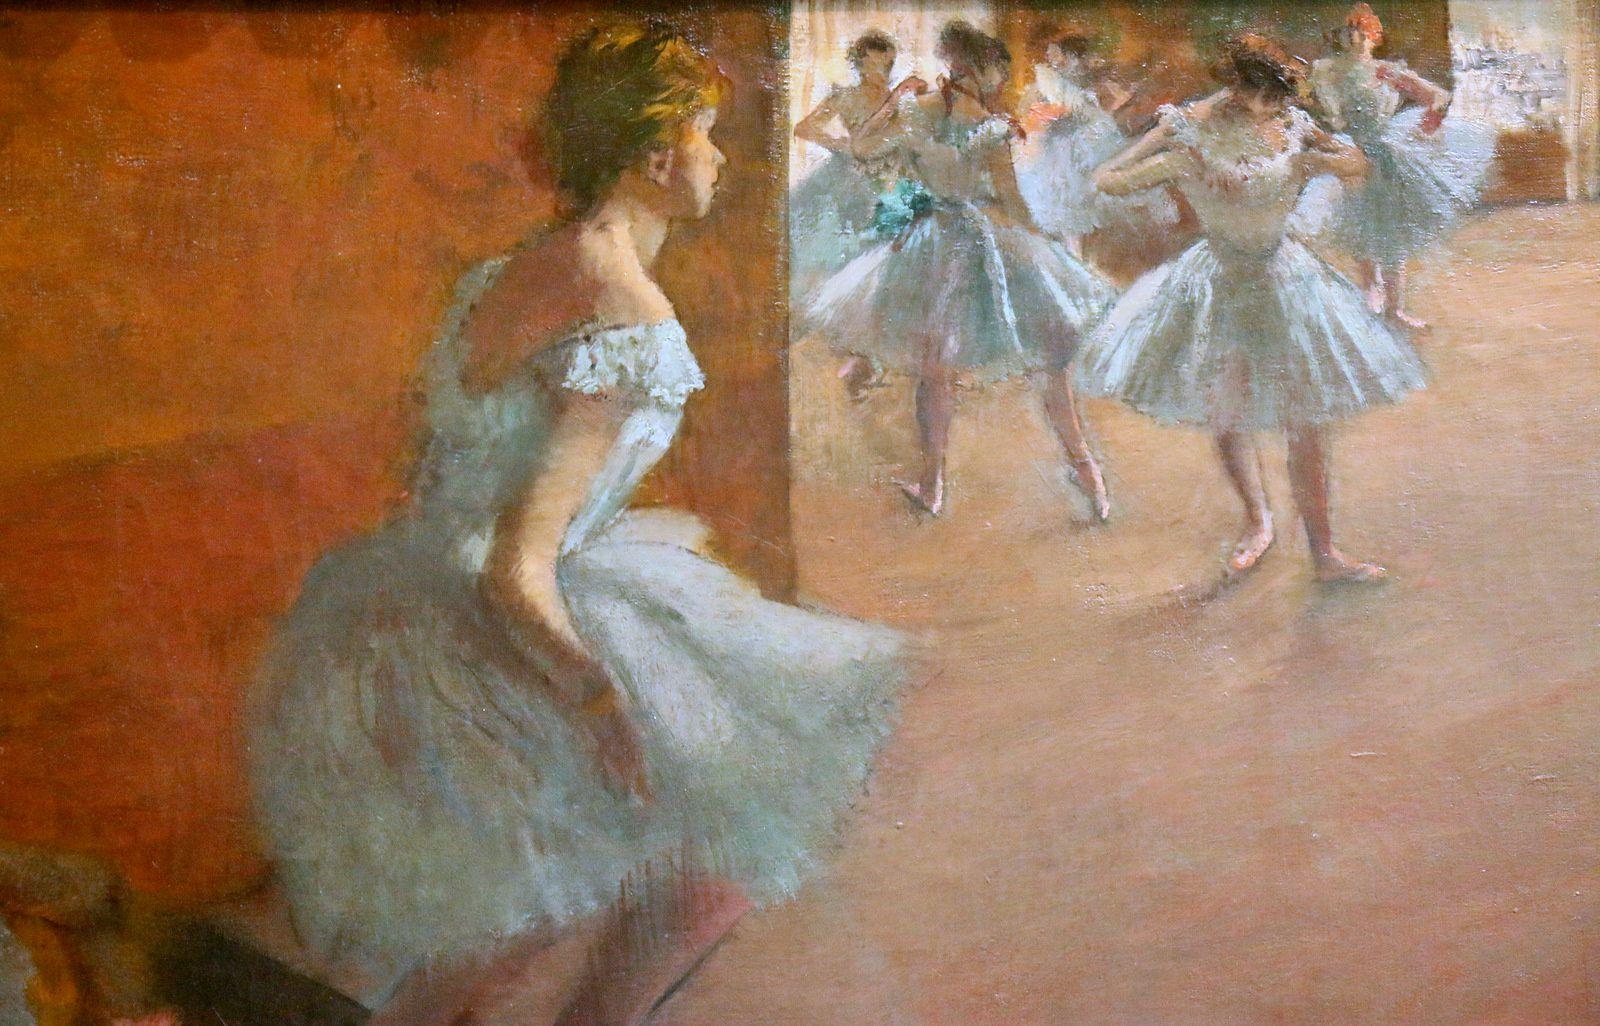 Danseuses montant un escalier, huile sur toile d'Edgar Degas